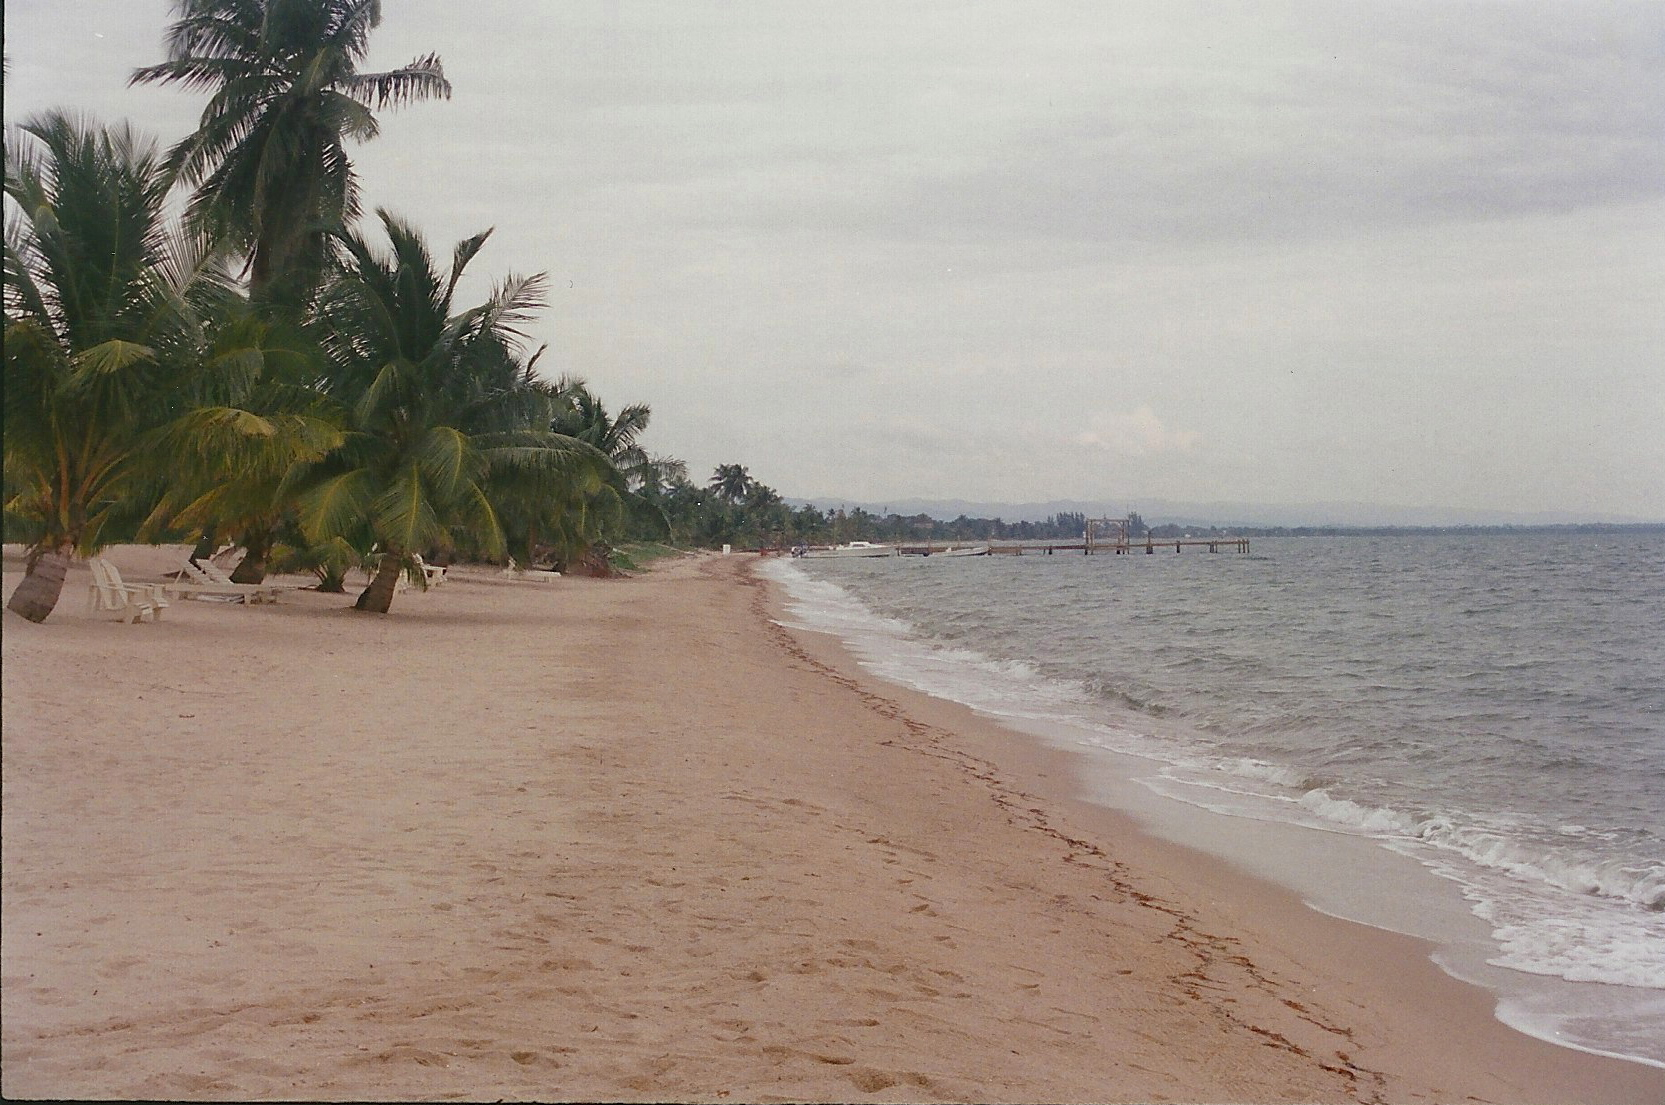 Jaguar Reef Resort, Hopkins, Belize, Central America